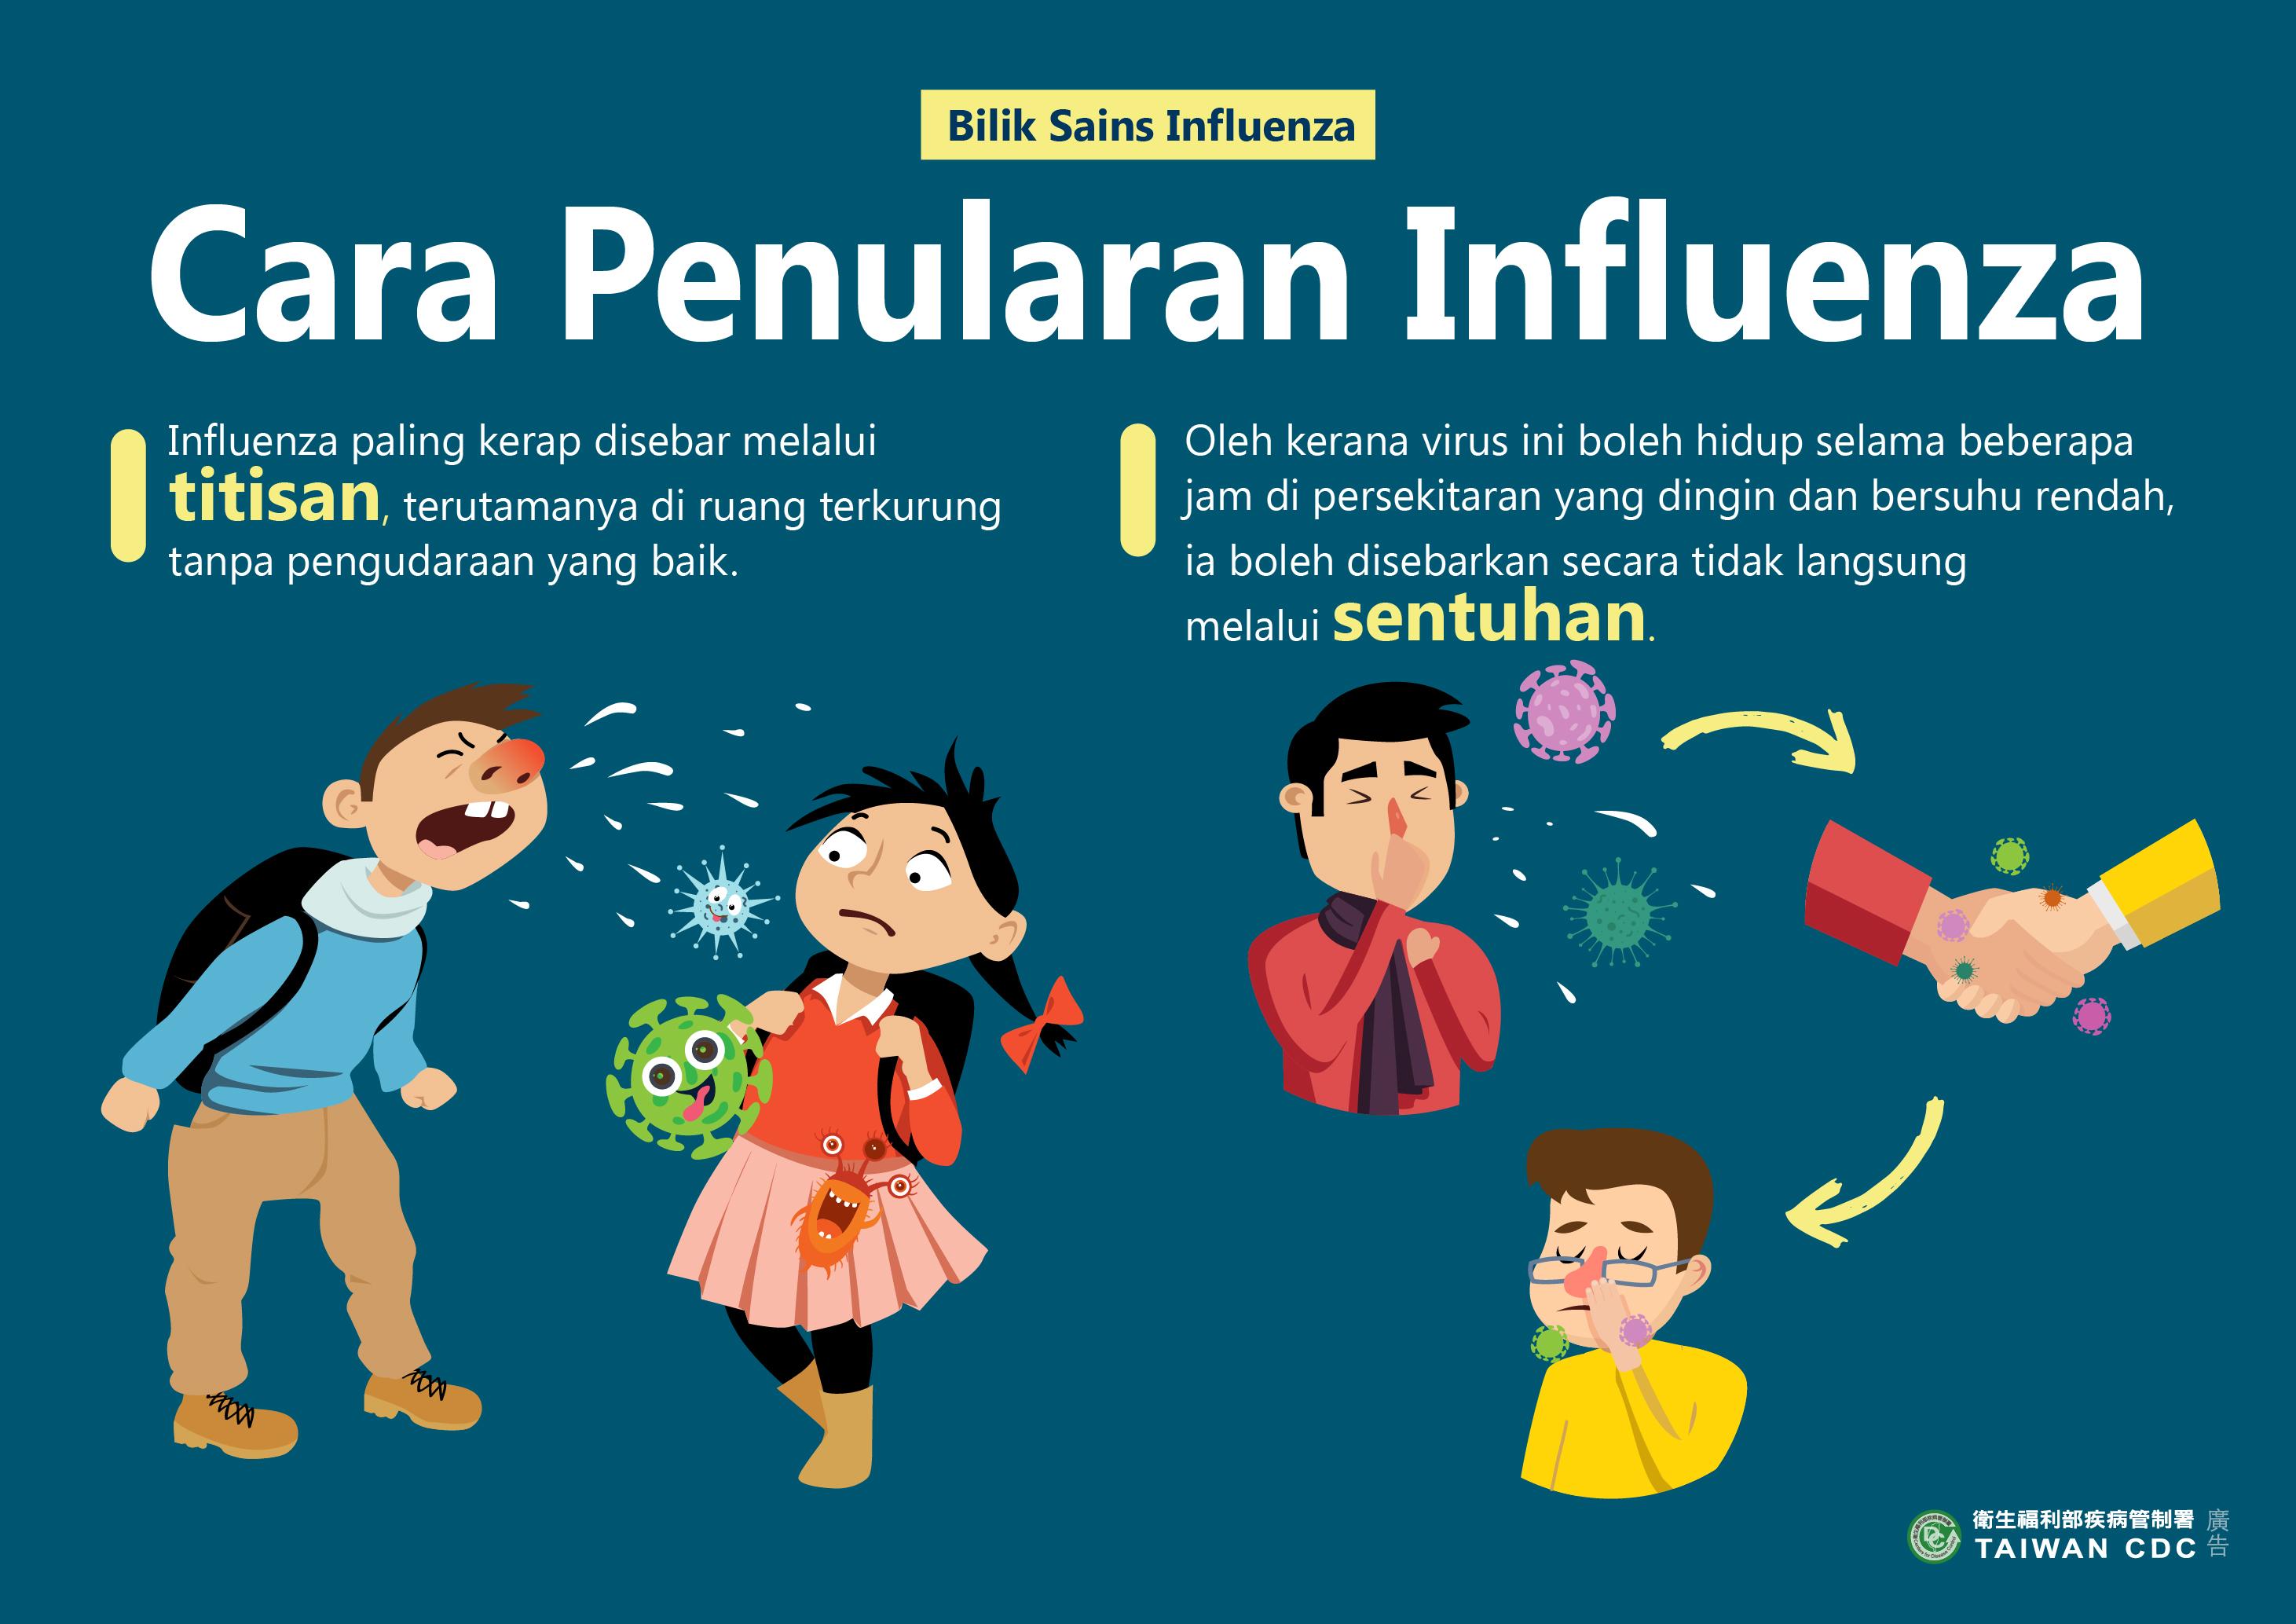 詳如附件【klik saya】Cara Penularan Influenza流感的傳播方式(馬來文)